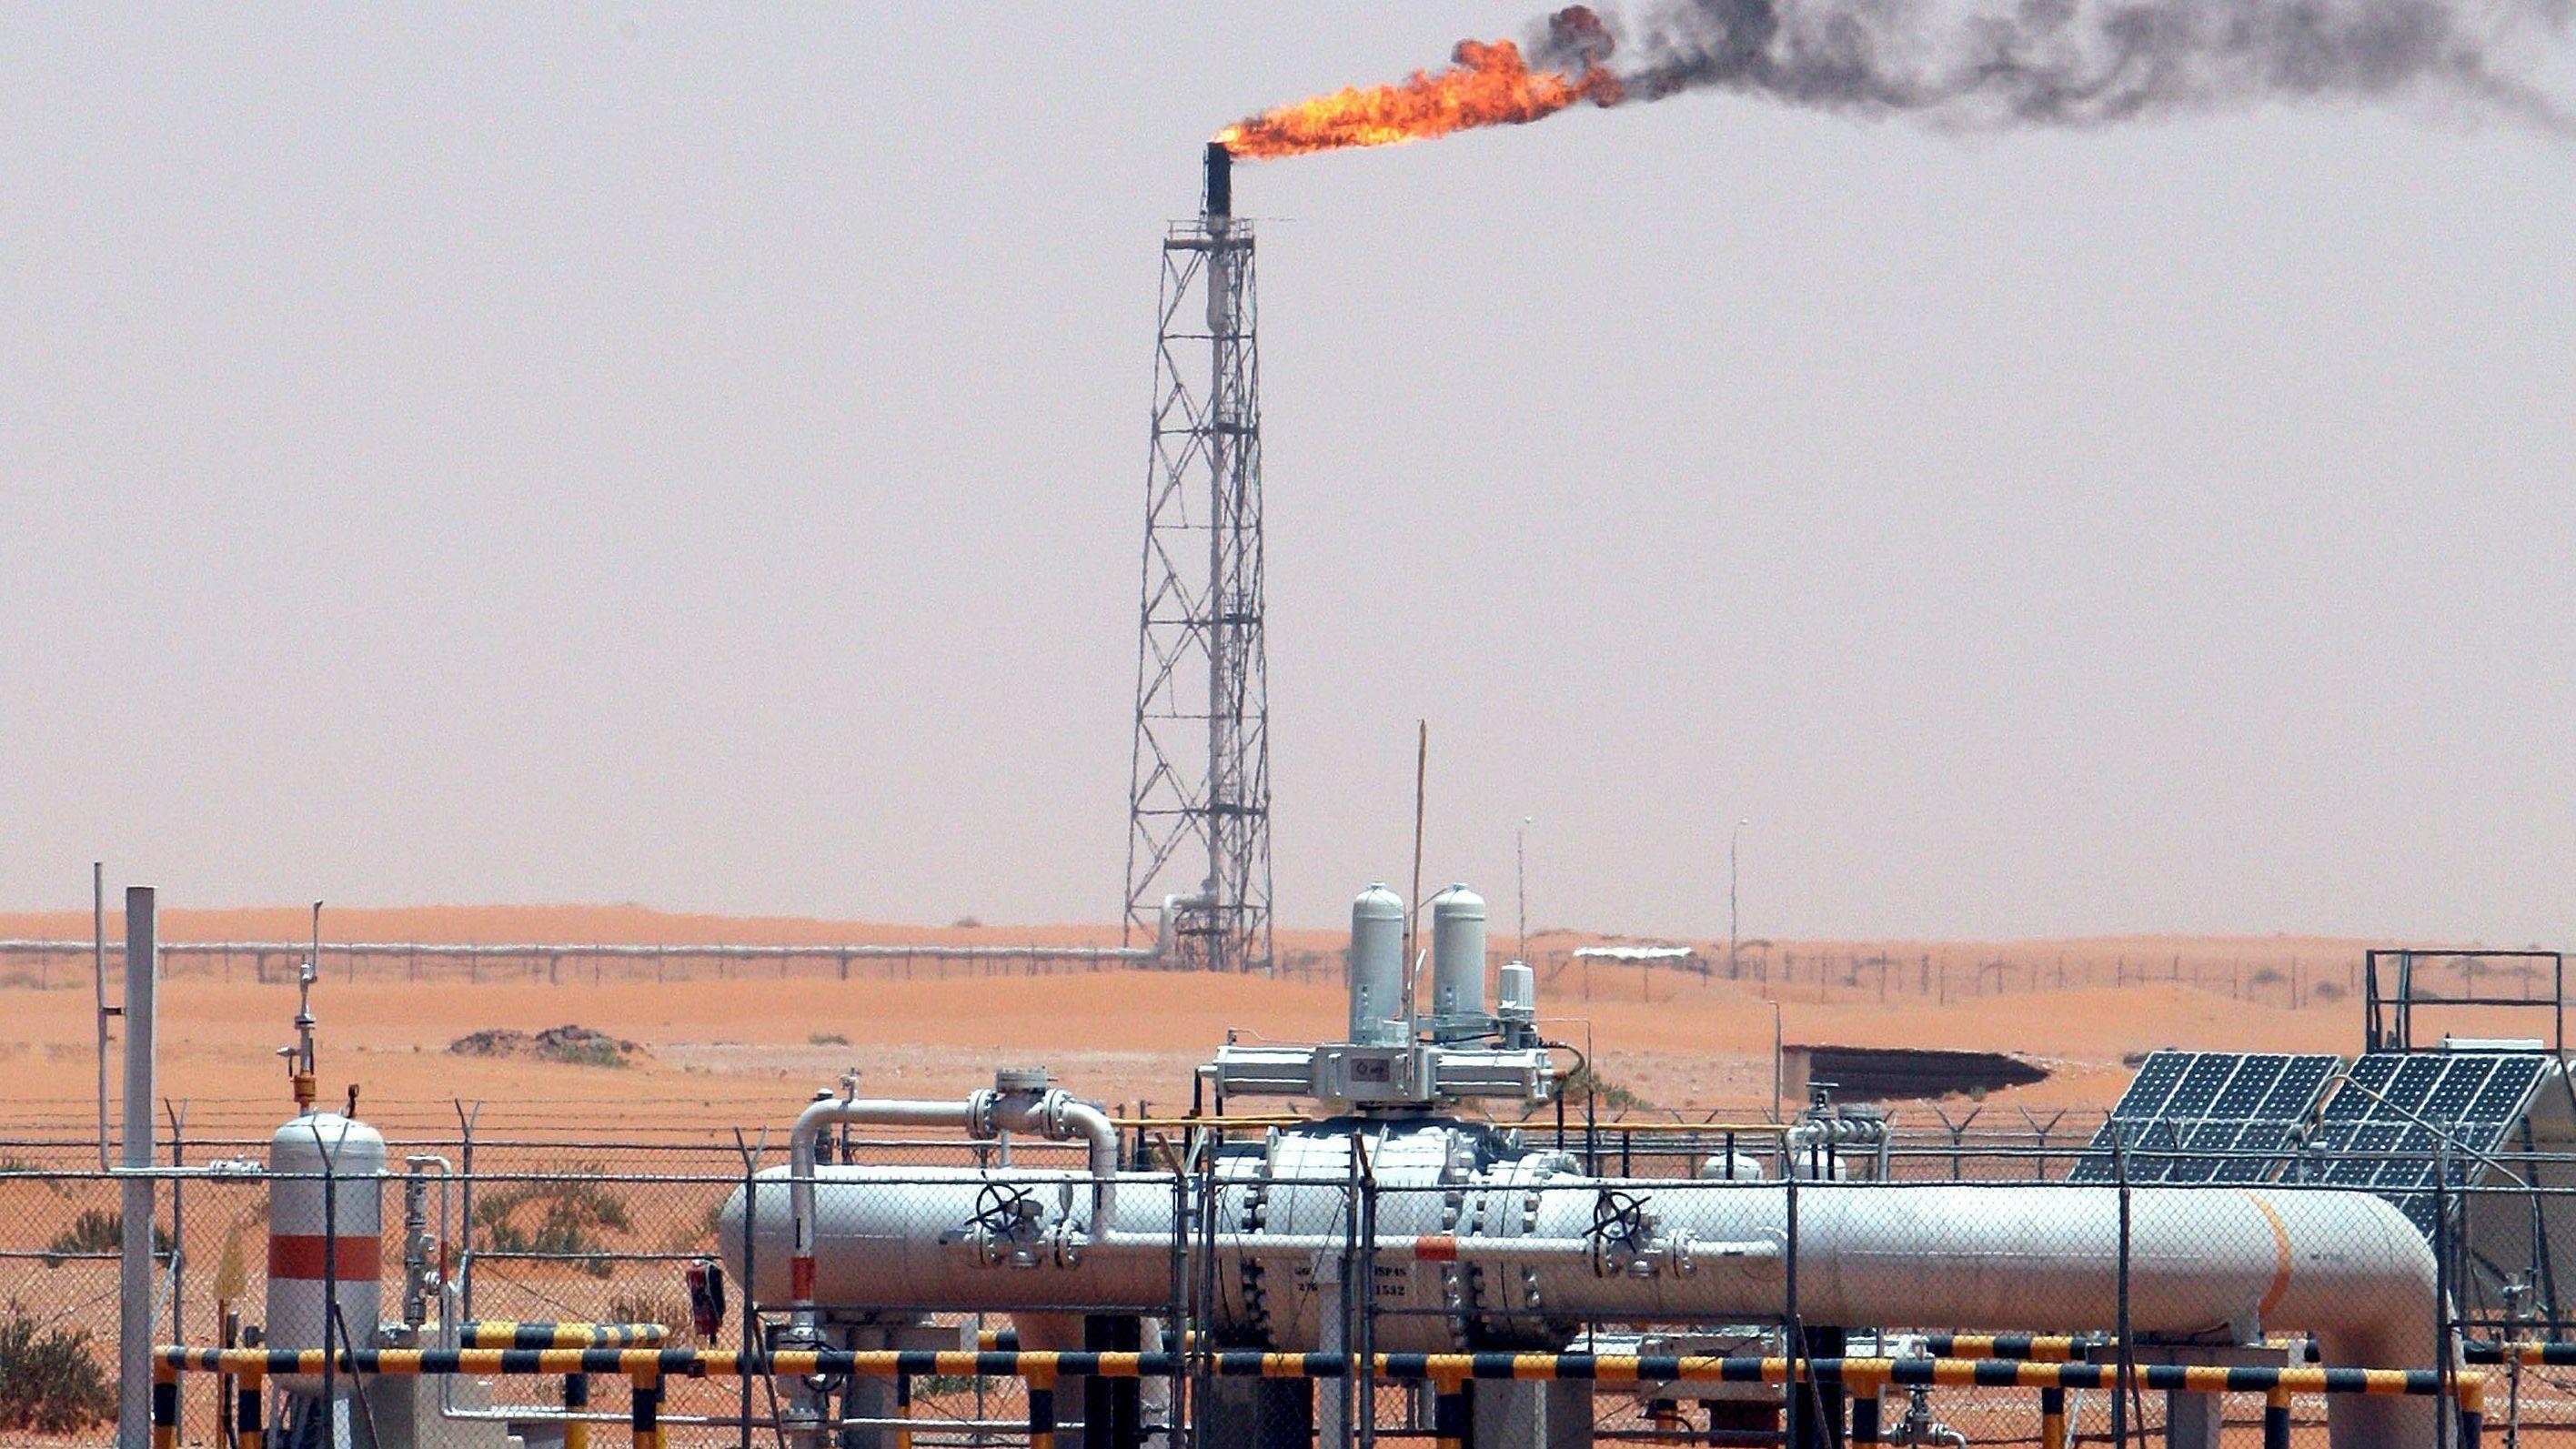 Technische Anlage auf einem Ölfeld im saudi-arabischen Riad.